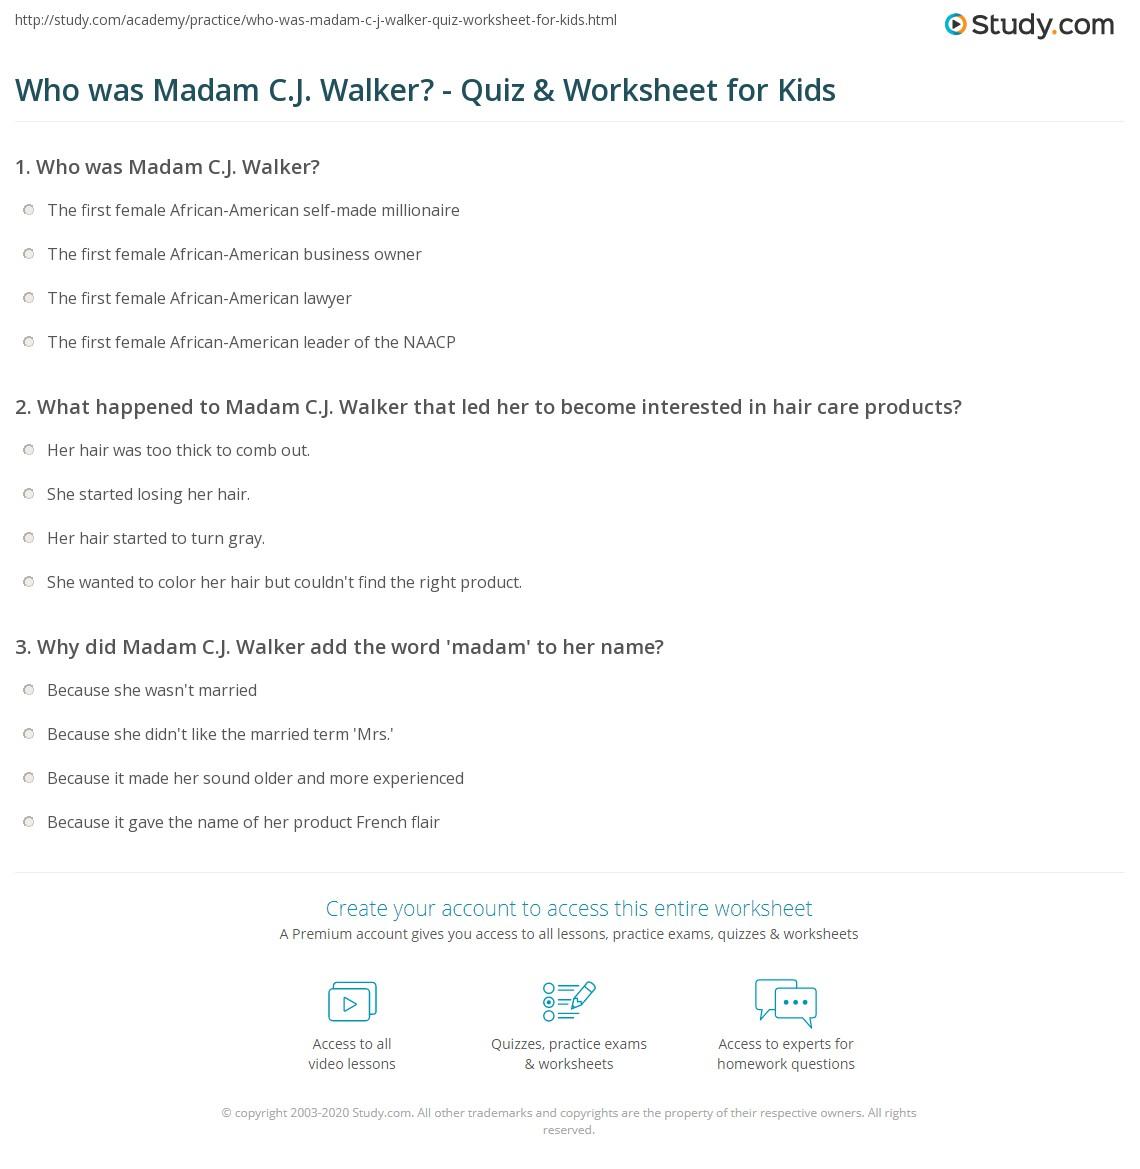 Who Was Madam C J Walker